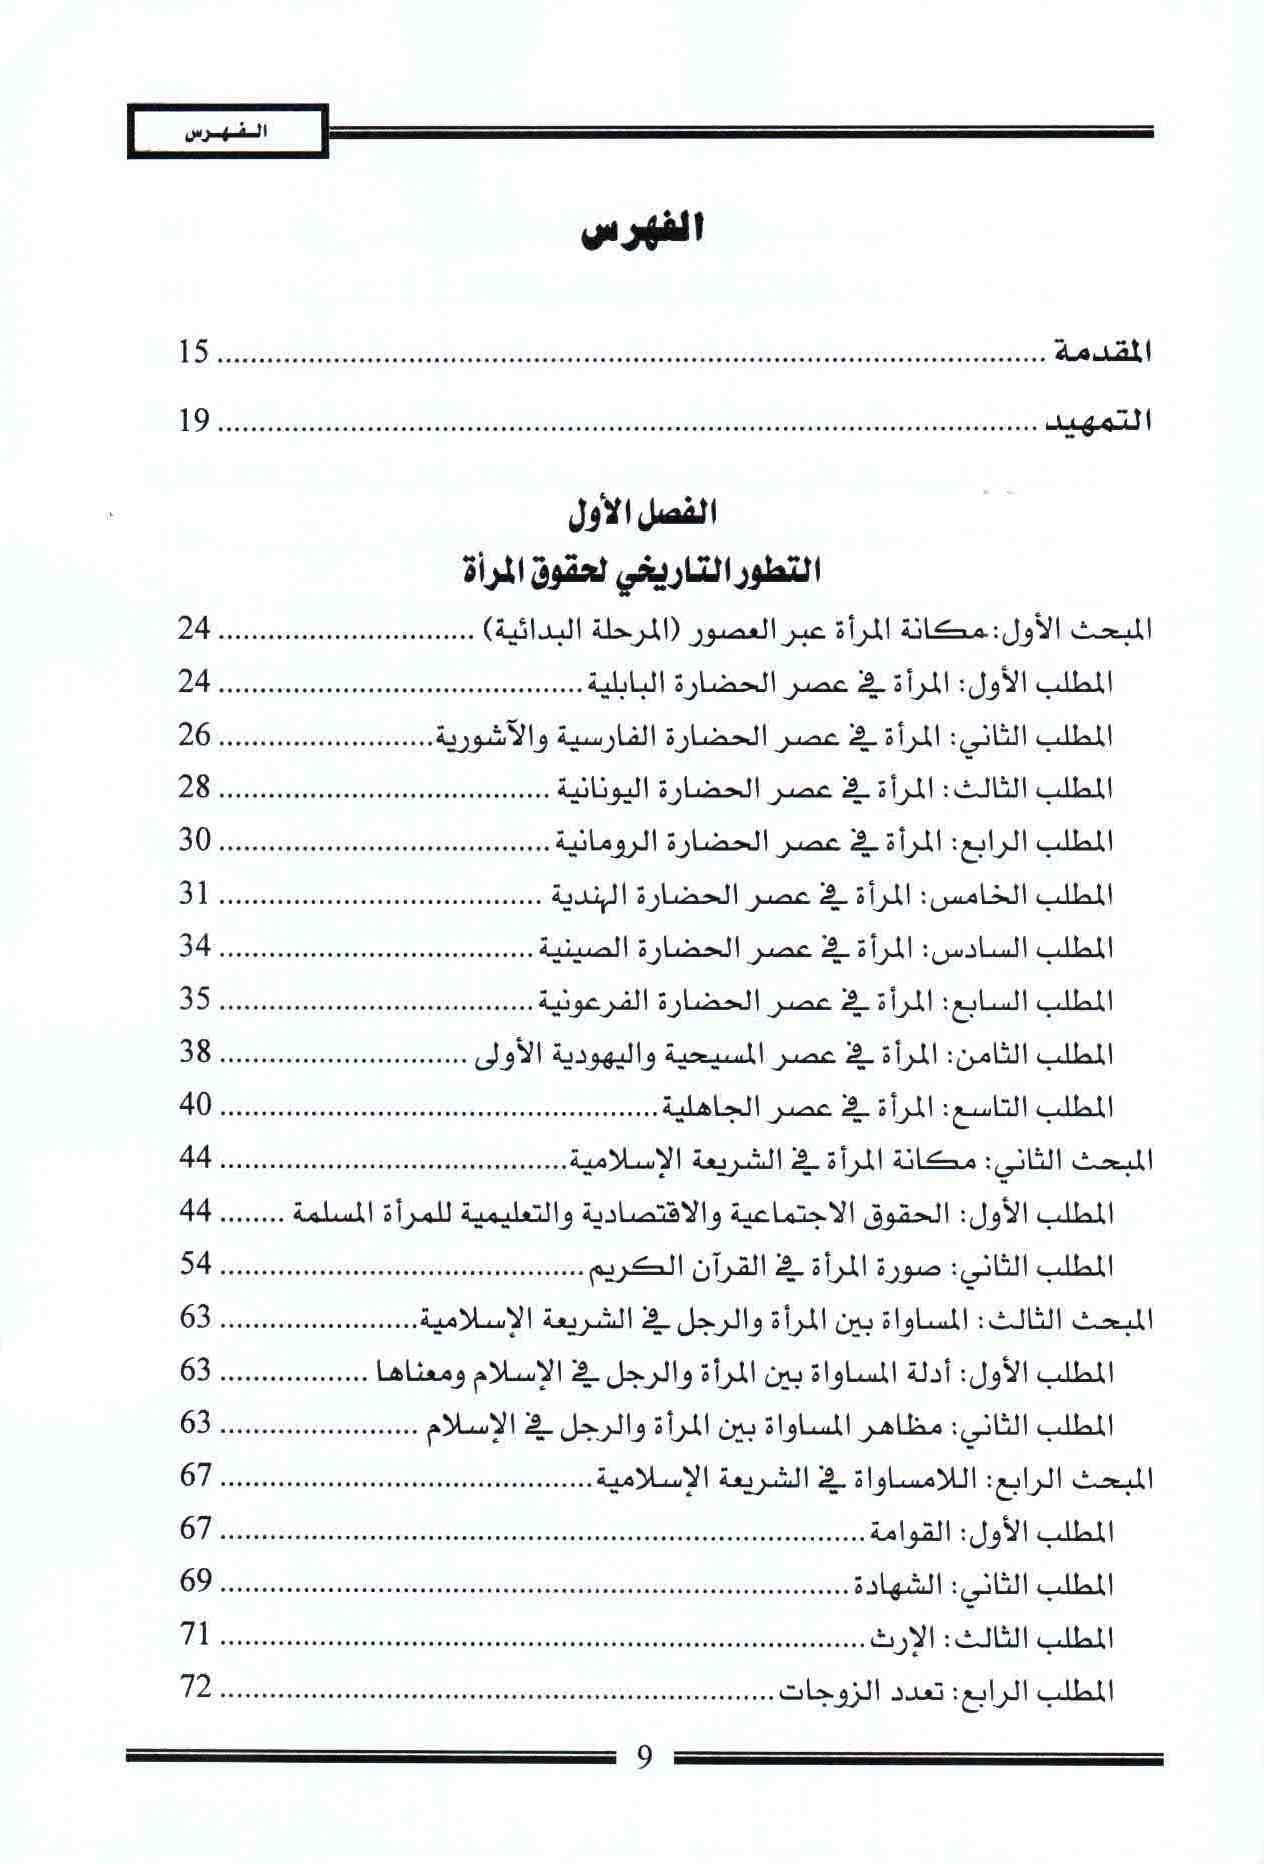 ص 9 محتويات كتاب حقوق المرأة